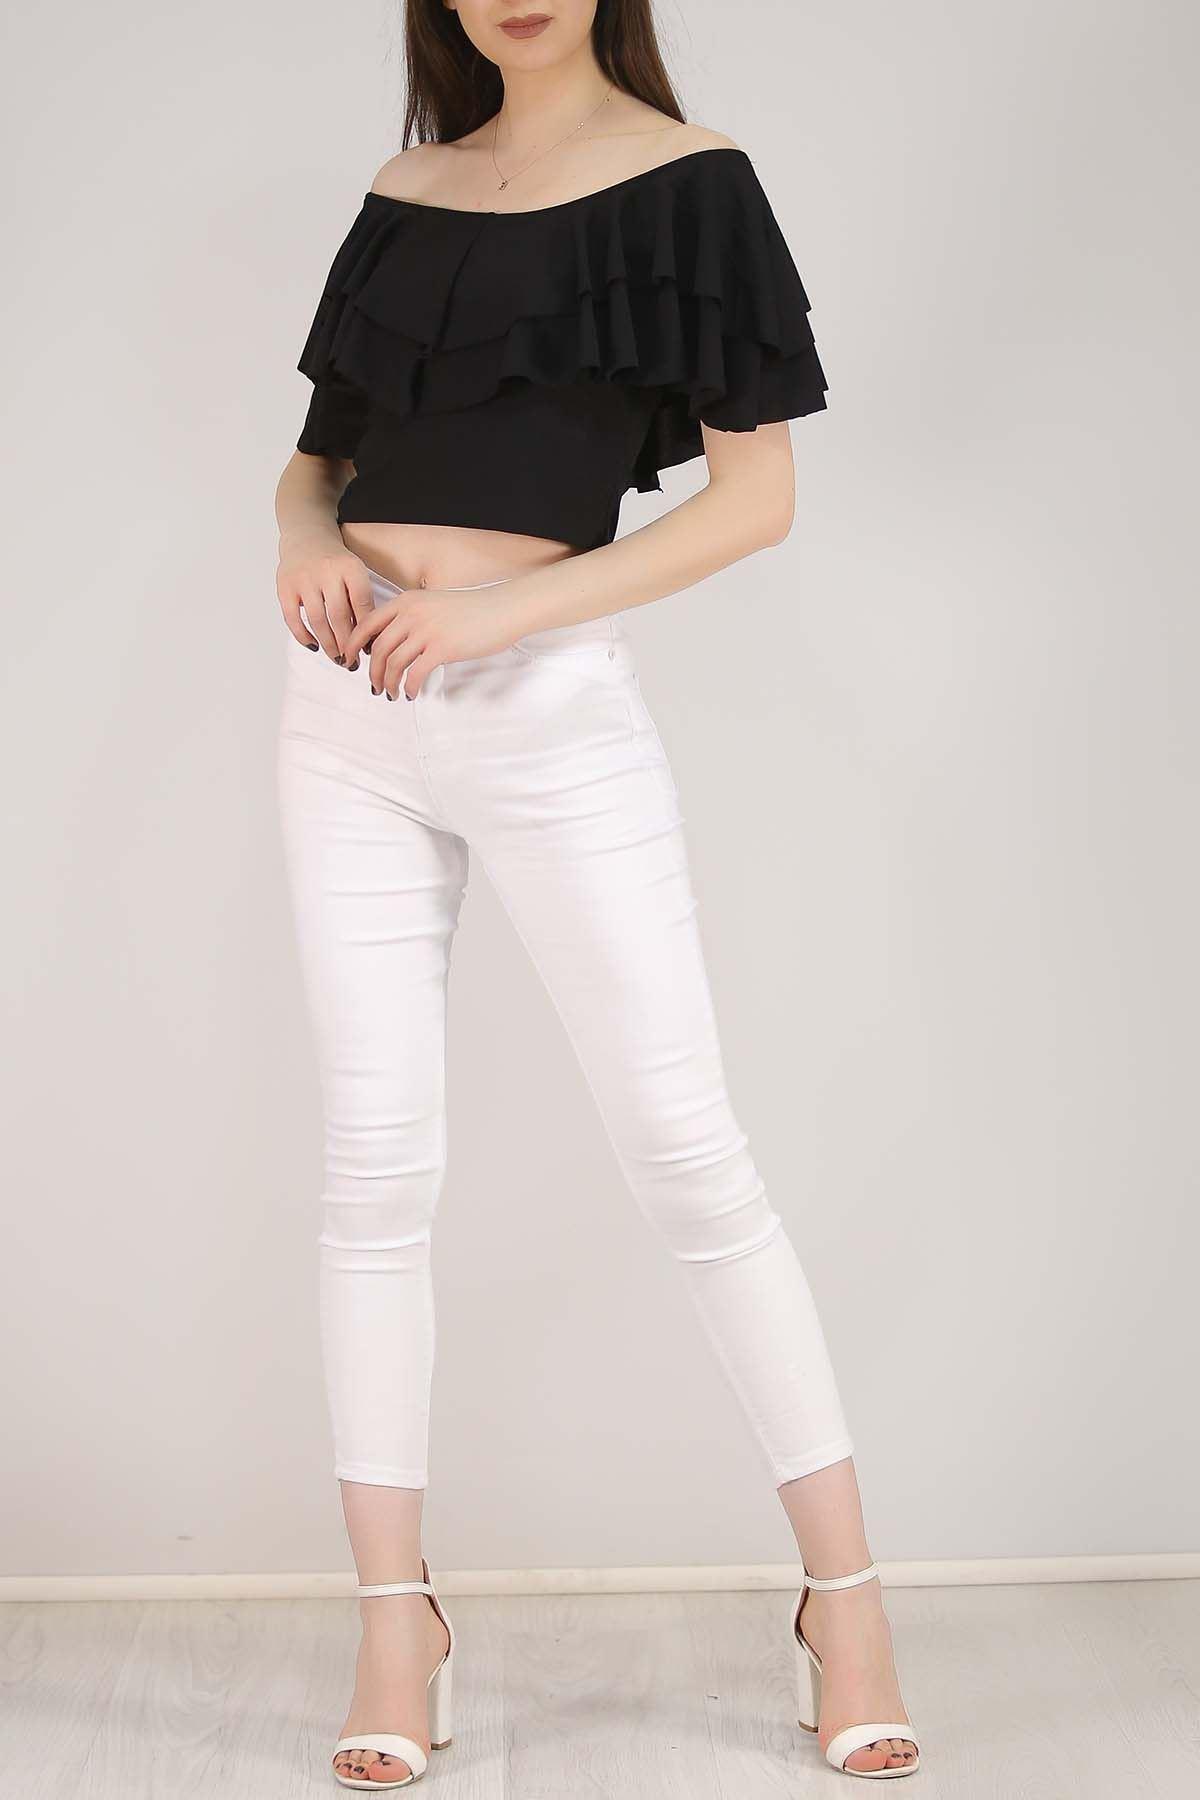 Volanlı Bluz Siyah - 3998.148.